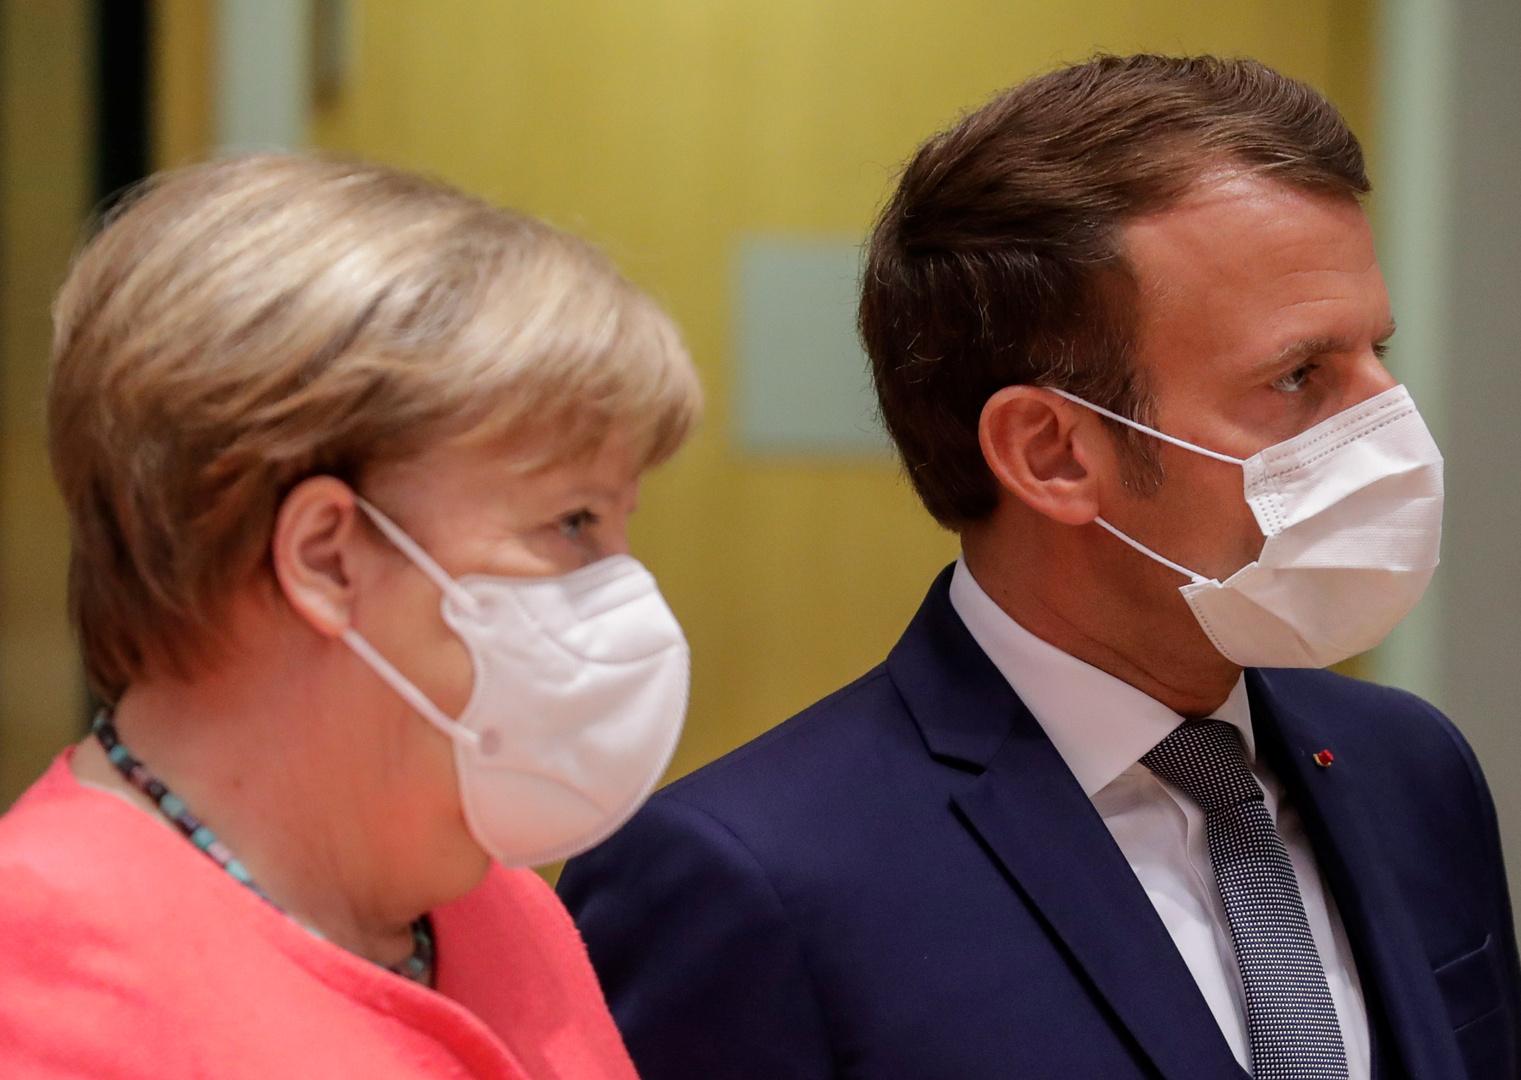 الرئيس الفرنسي إيمانويل ماكرون والمستشارة الألمانية أنغيلا ميركل (أرشيف)